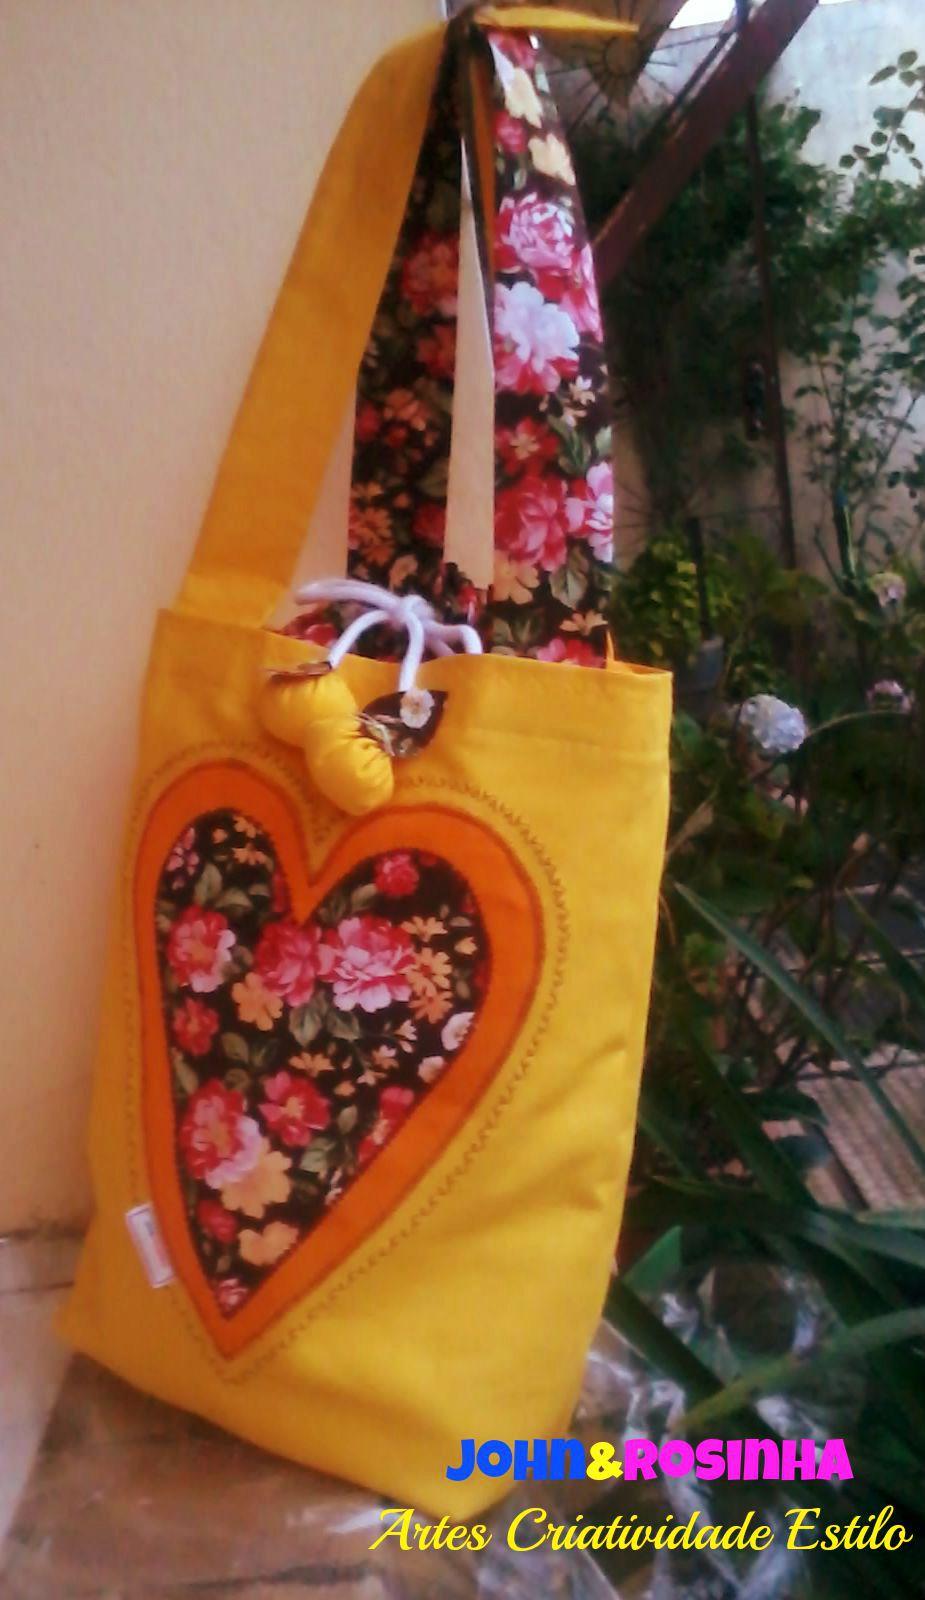 f5e2a025e Bolsa ecobag com aplicação de coração. Encomenda entregue Cidade Cachoeiro  do Itapemirim/ES.